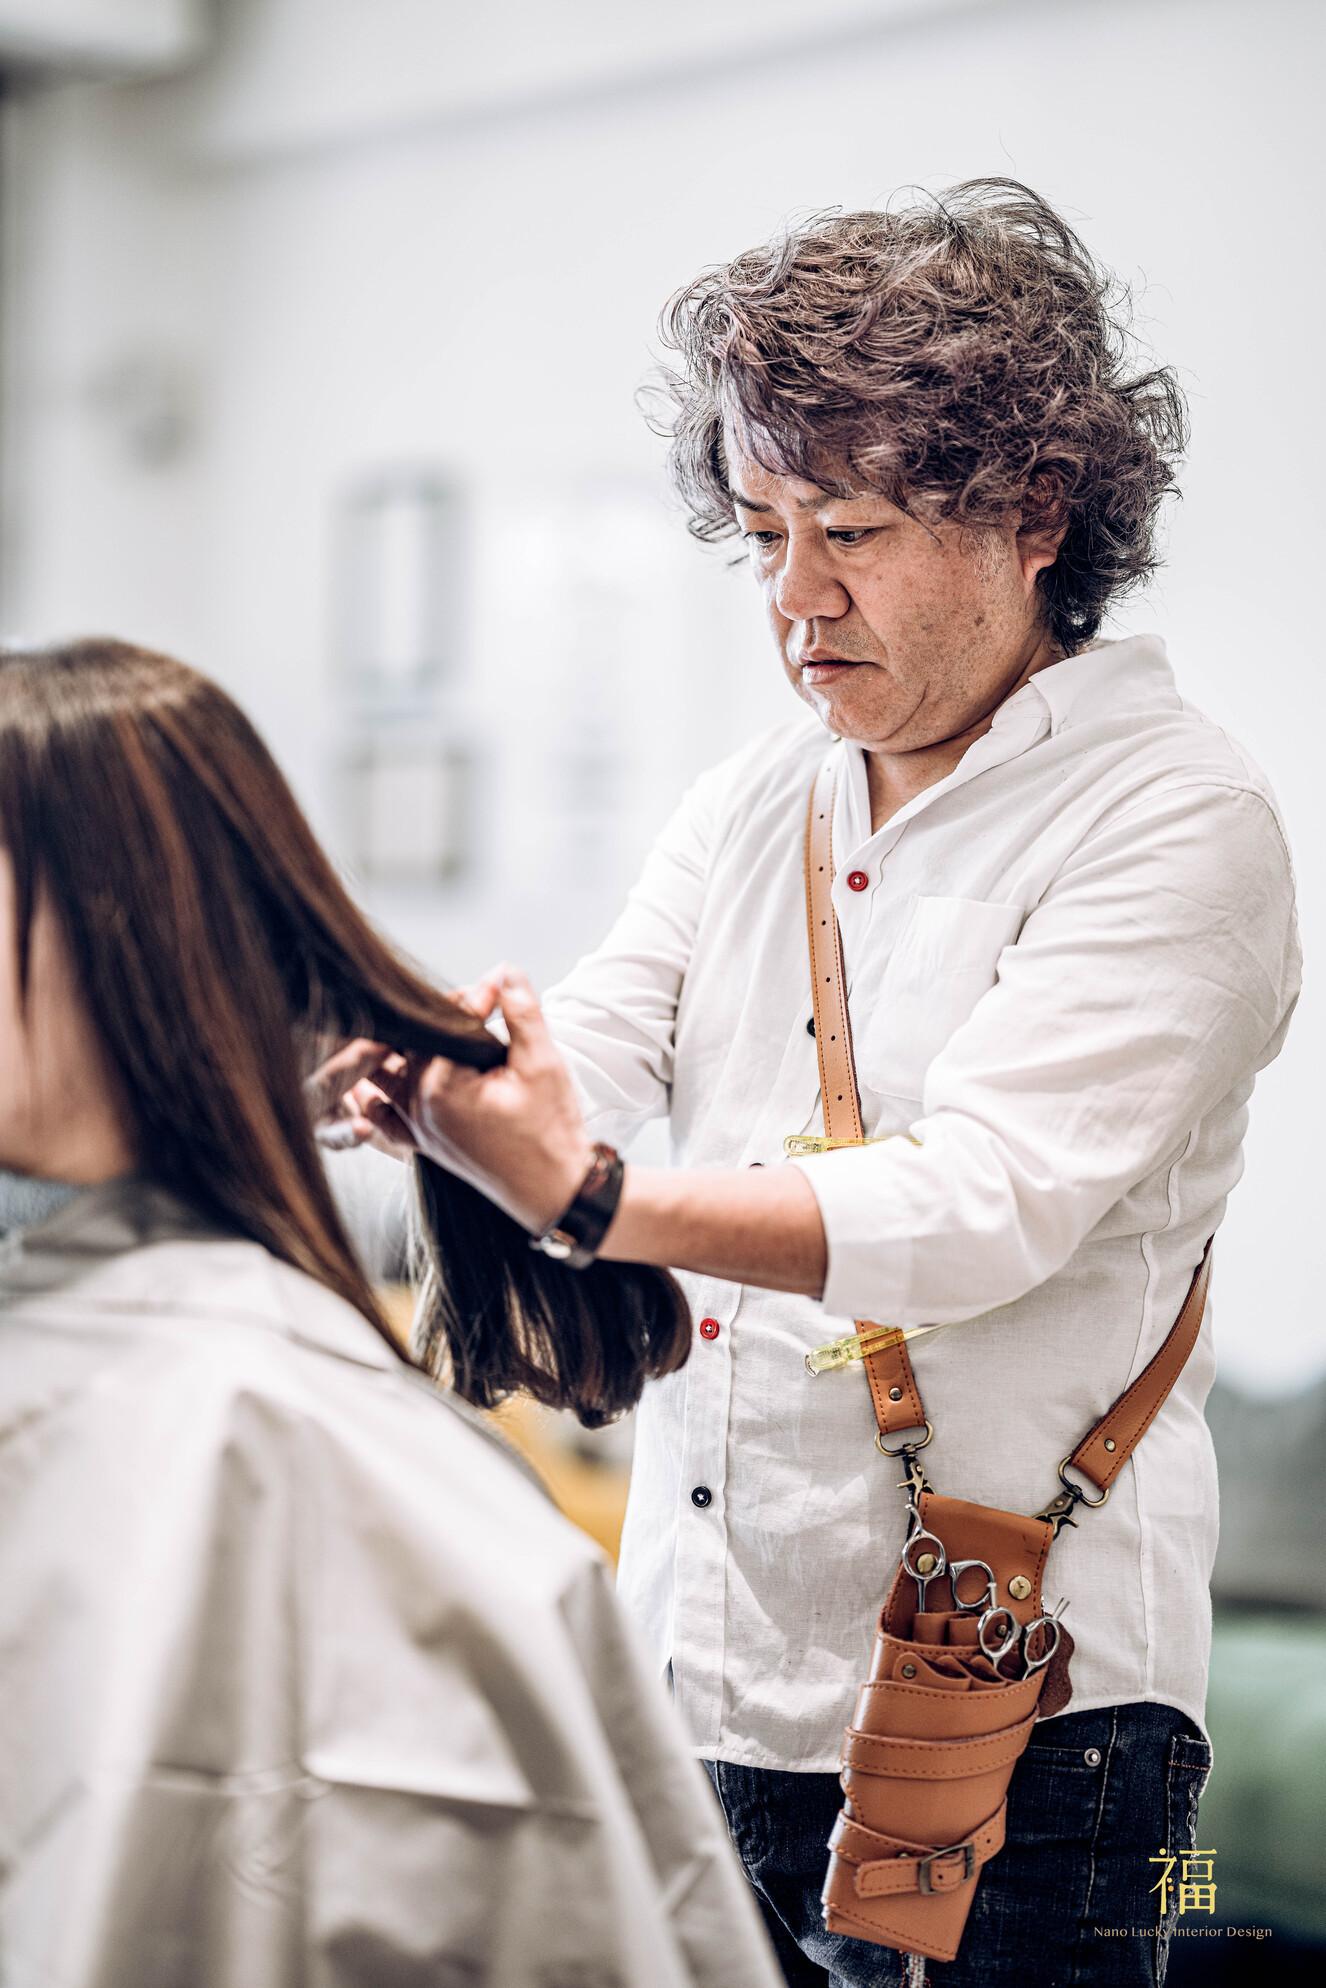 13嘉義太保日系髮廊lislushairsalonstory-純正日式手藝美髮沙龍1|小福砌商業美髮沙龍空間設計